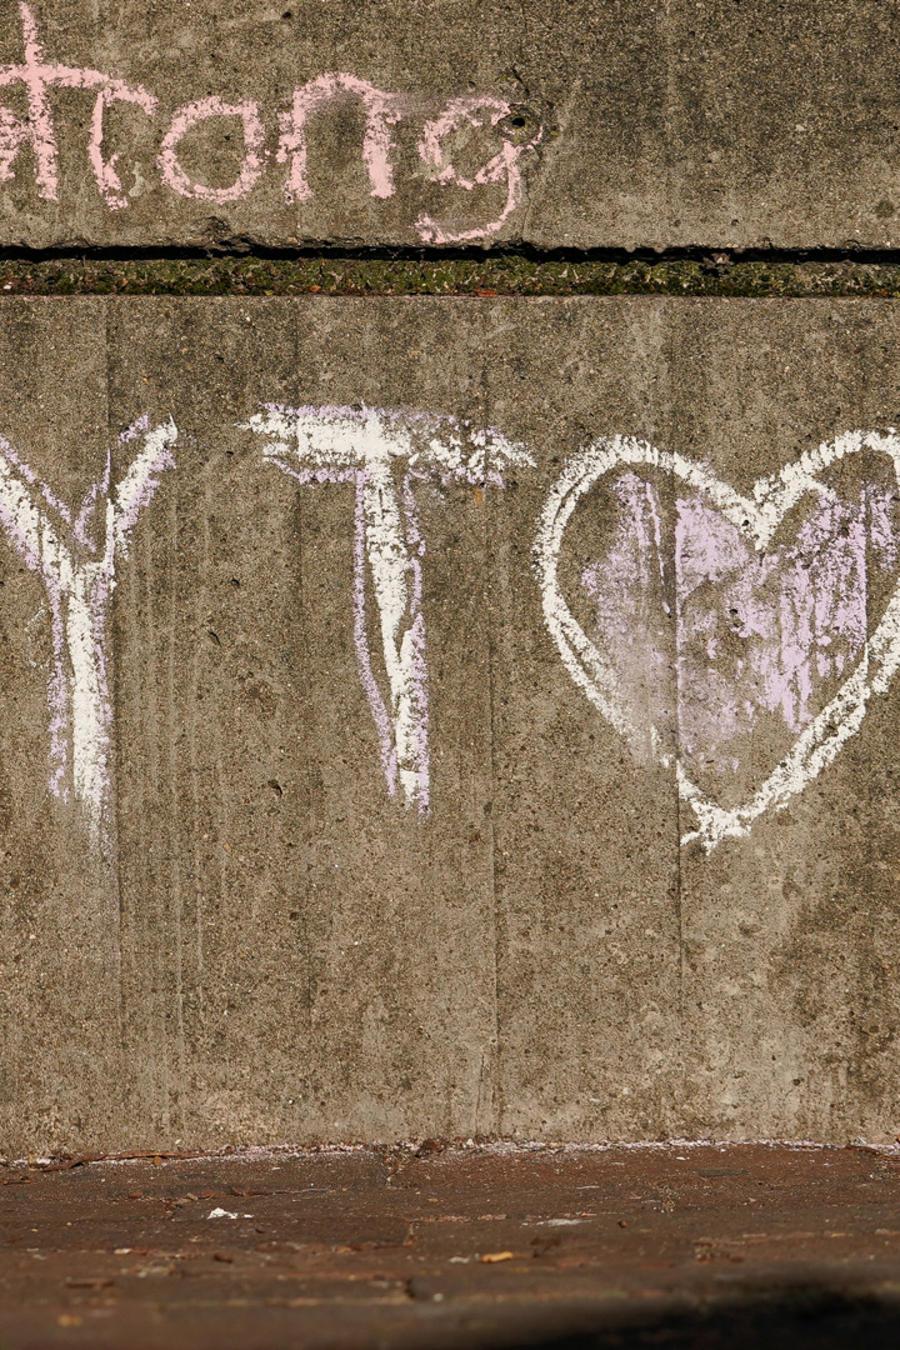 Pintada en una pared que hace referencia a la masacre en Dayton, Ohio